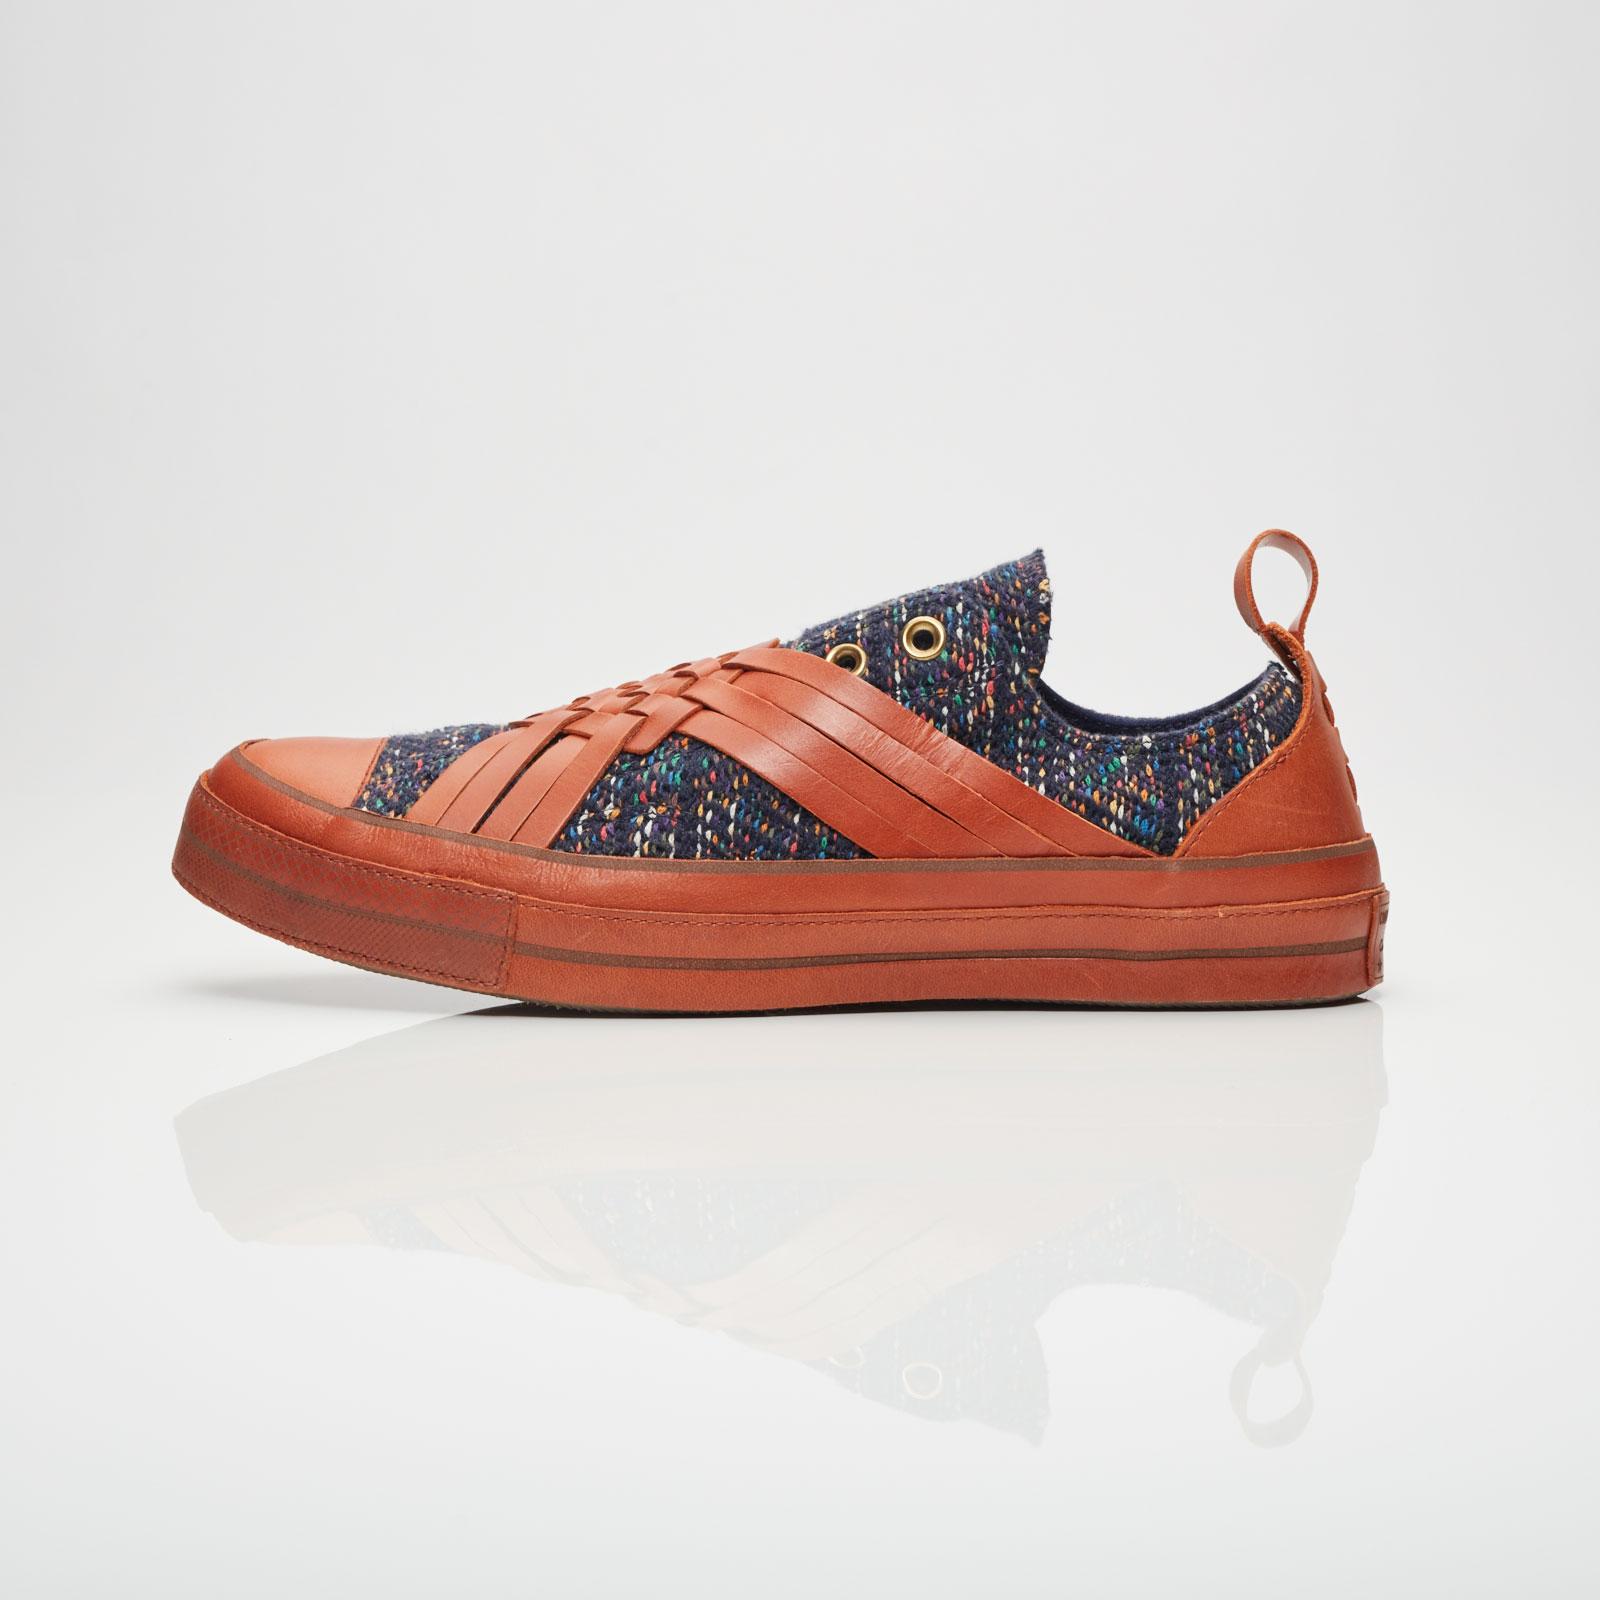 f67e886e01c6 Converse Chuck 70s Slip x Missoni - 157259c - Sneakersnstuff ...